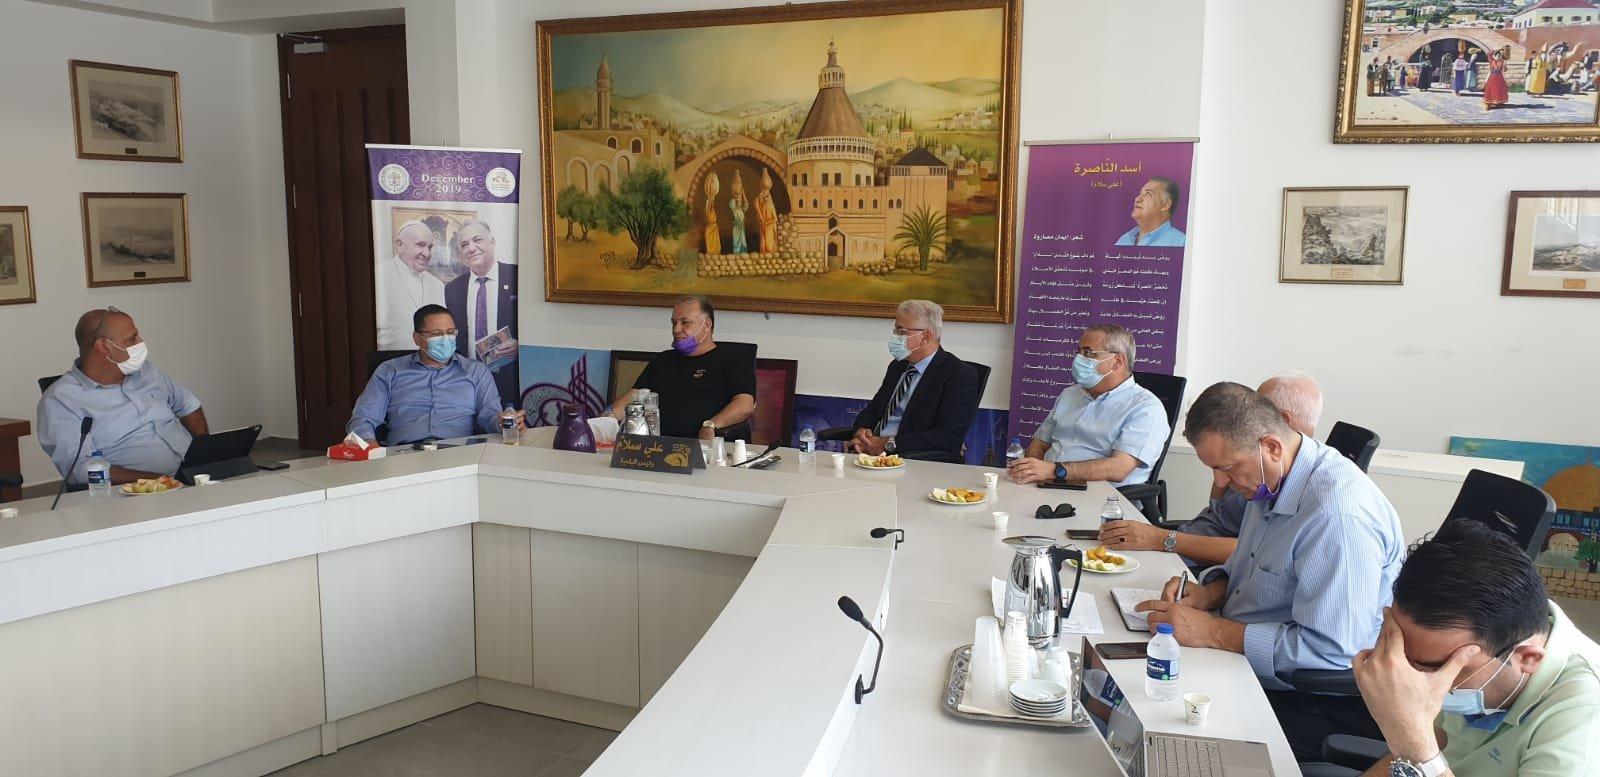 انطلاق مشروع المدارس الآمنة من الكورونا في الناصرة-10